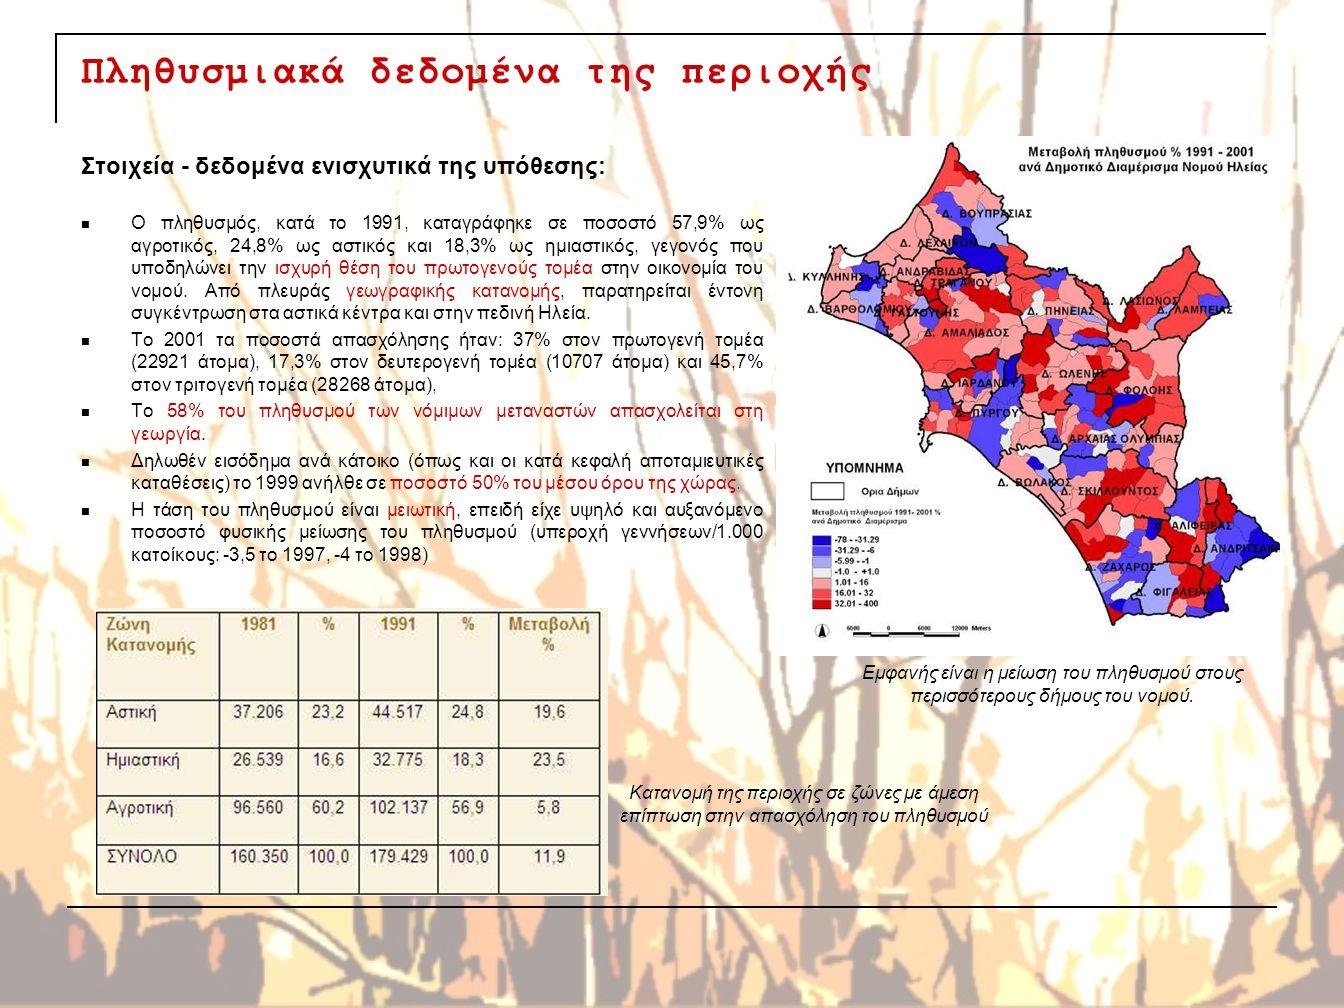 Πληθυσμιακά δεδομένα της περιοχής